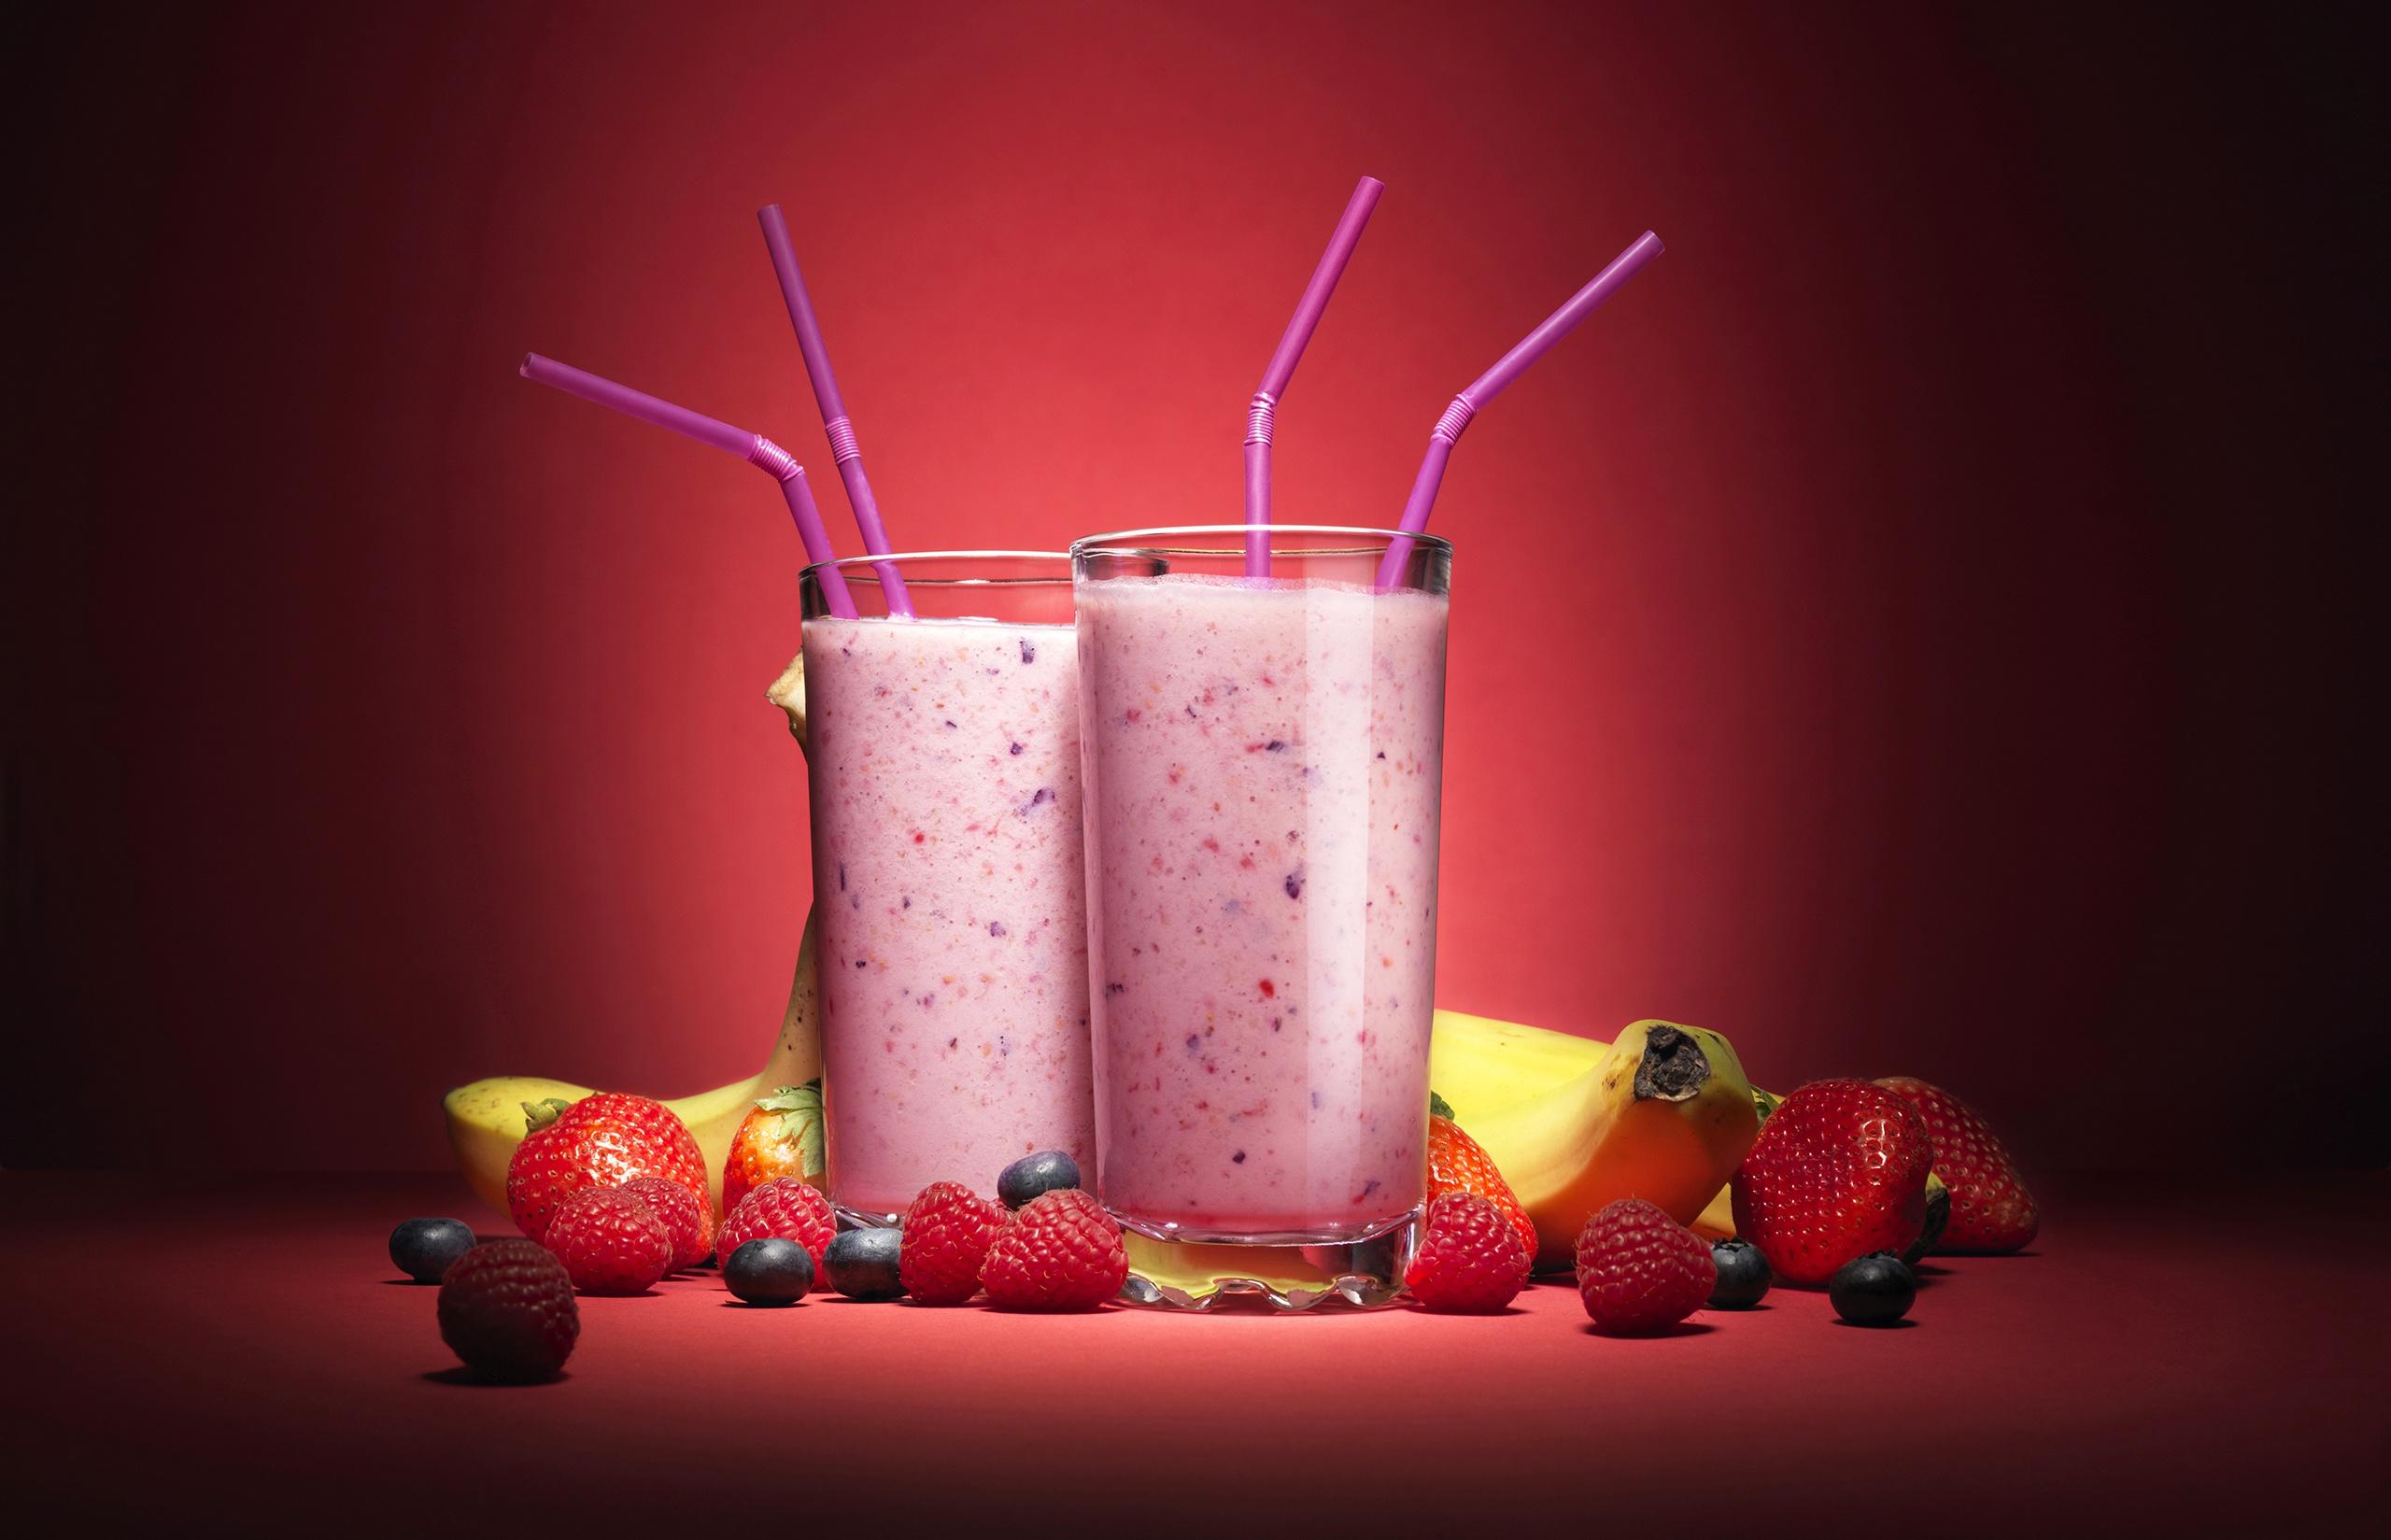 Картинки Стакан Малина Клубника Пища Коктейль 2560x1649 стакана стакане Еда Продукты питания